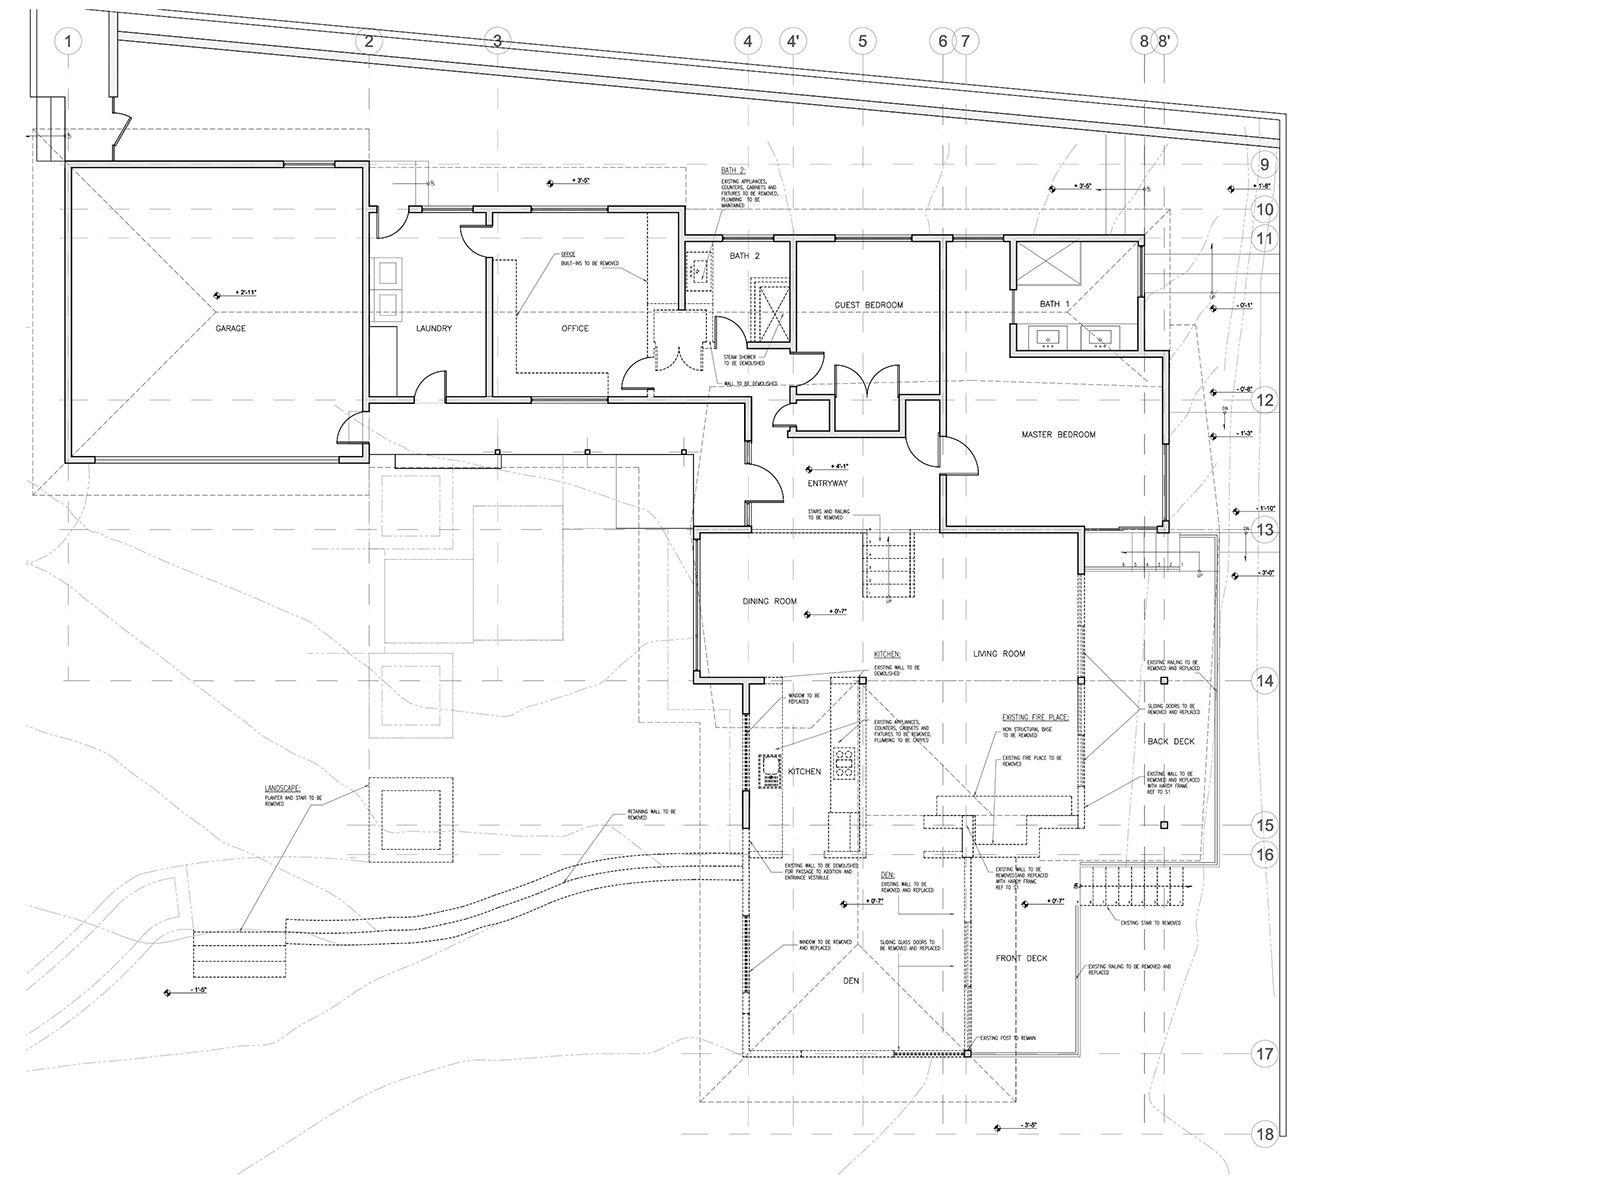 Existing plan of 1960's craftsmen